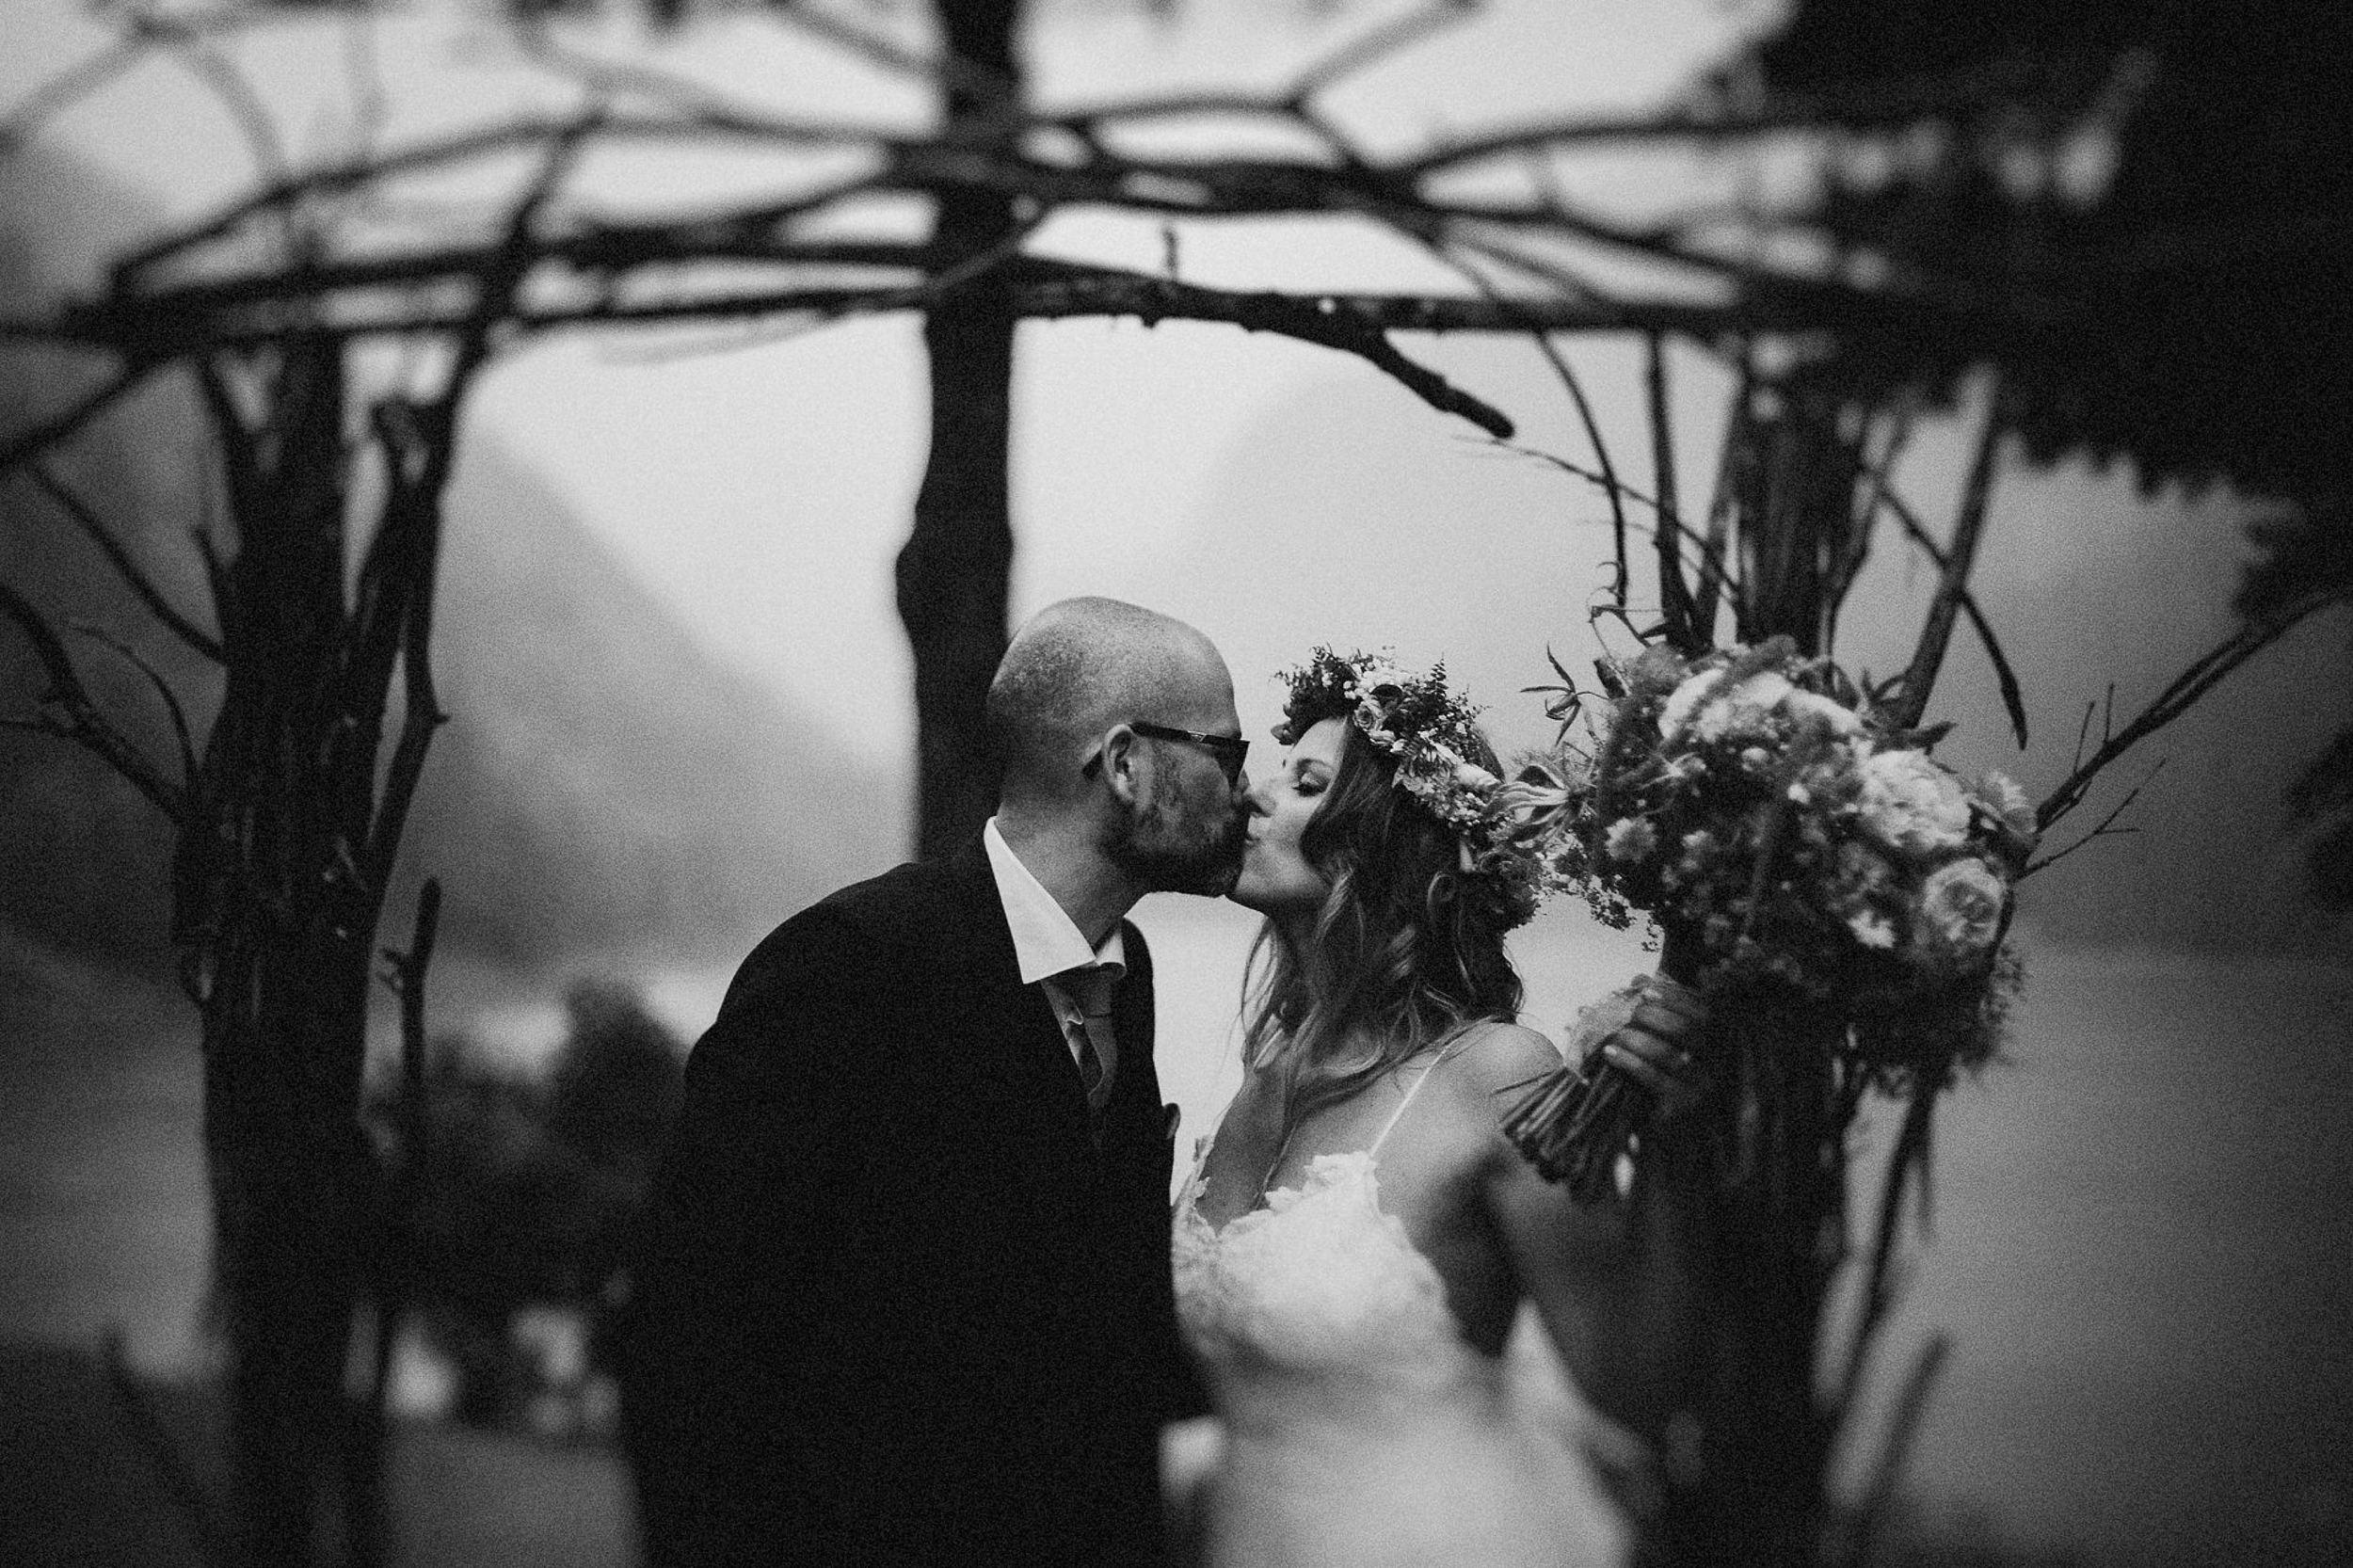 mariage-suisse-haute-savoie-domaine-baron-steven-bassillieaux-bordeaux-dordogne-wedding-photographe-57.jpg